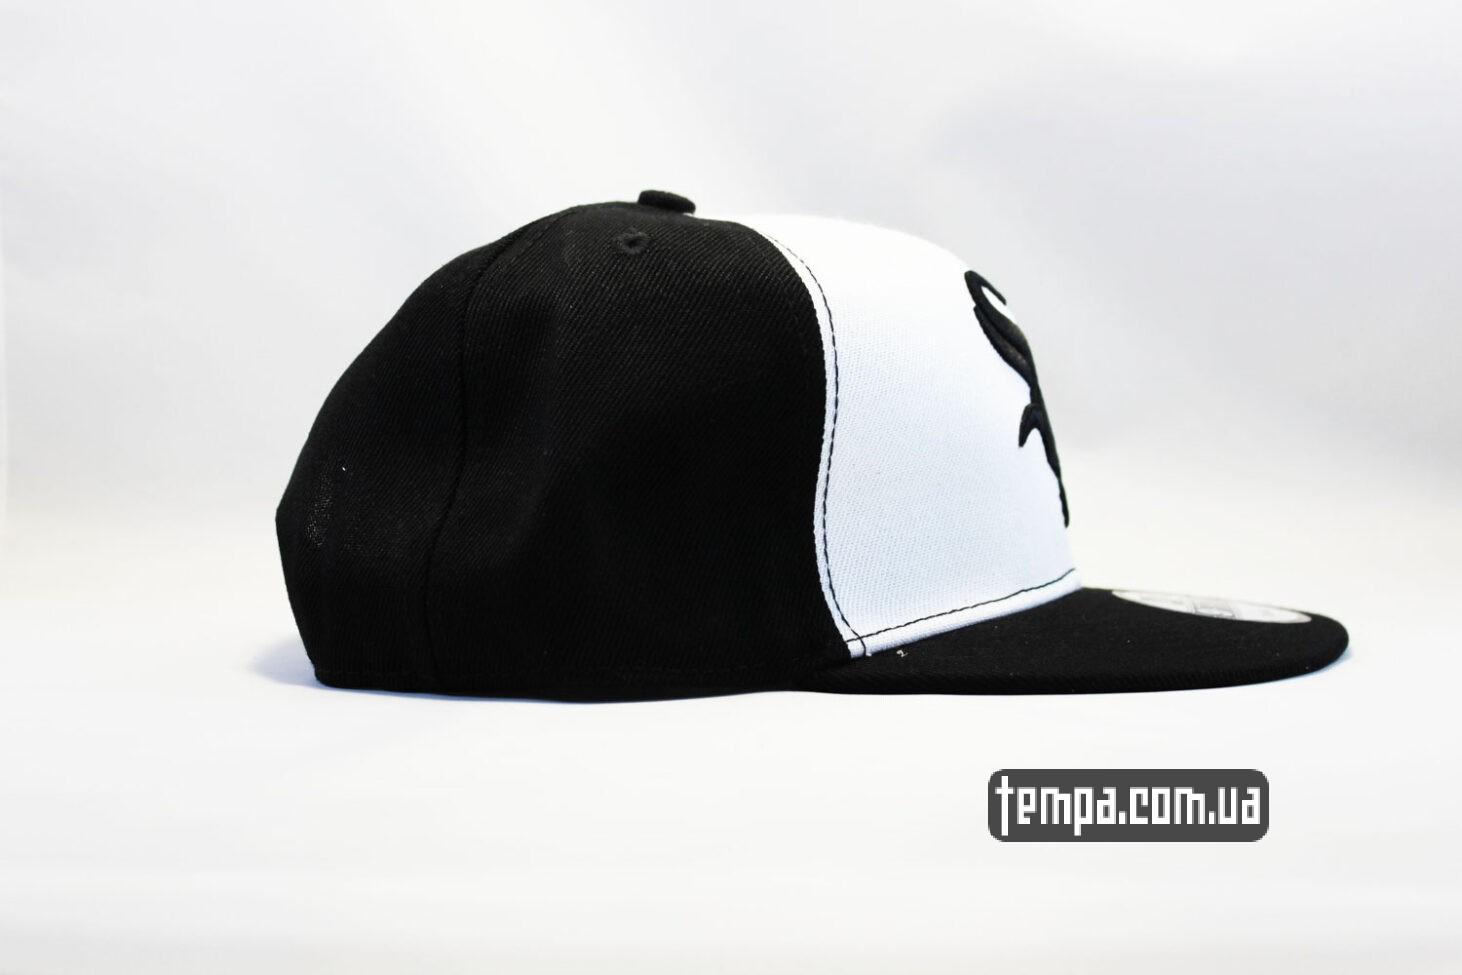 снепбеки бейсбольные кепка snapback White Sox New Era 9fifty черно-белая